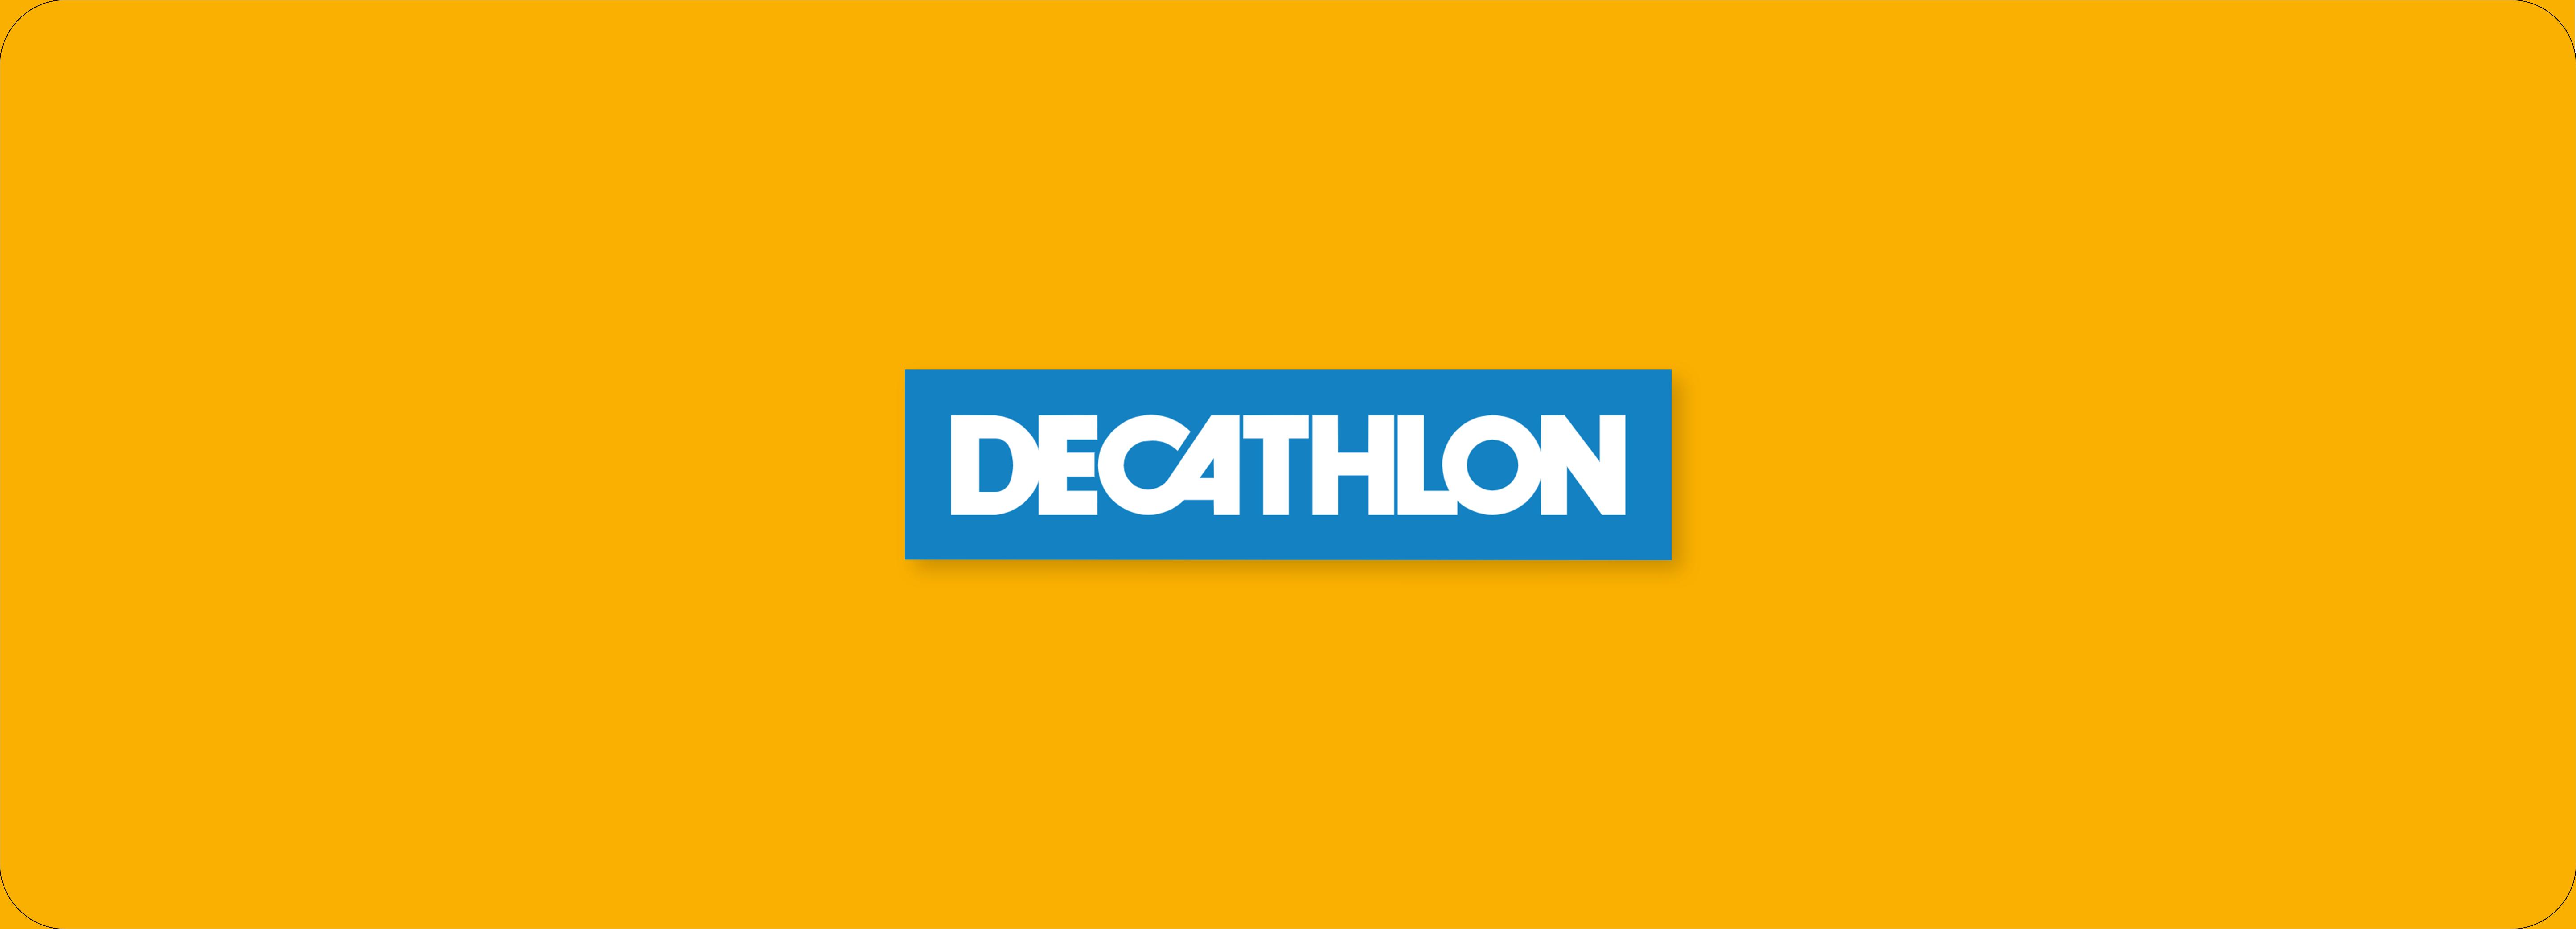 JBTS x DECATHLON